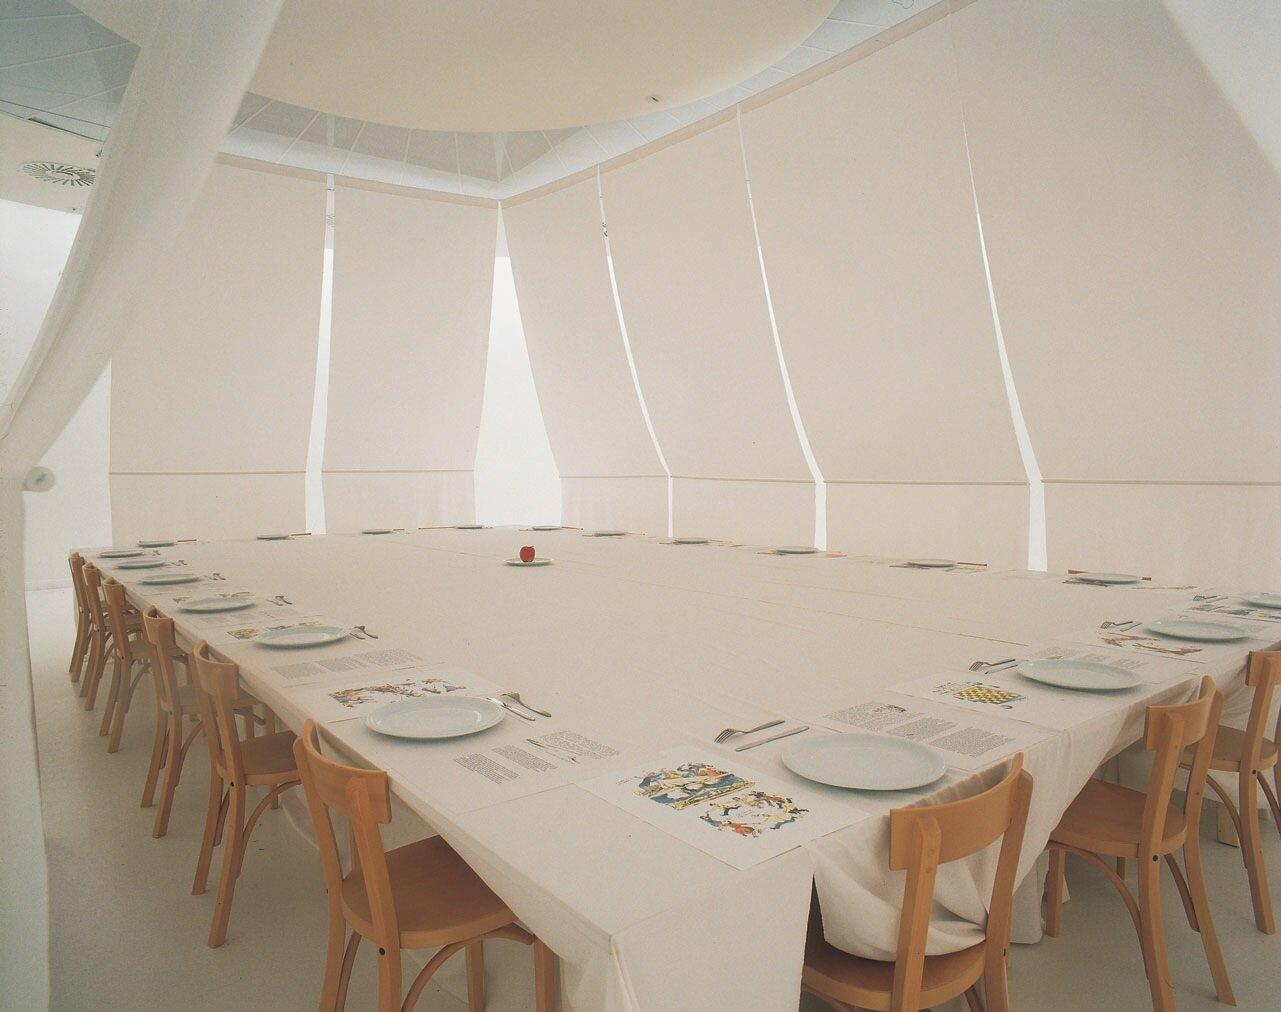 View-of-installation-Museum-van-Hedendaagse-Kunst-Antwerp-1998-Photo-by-Dir.jpg